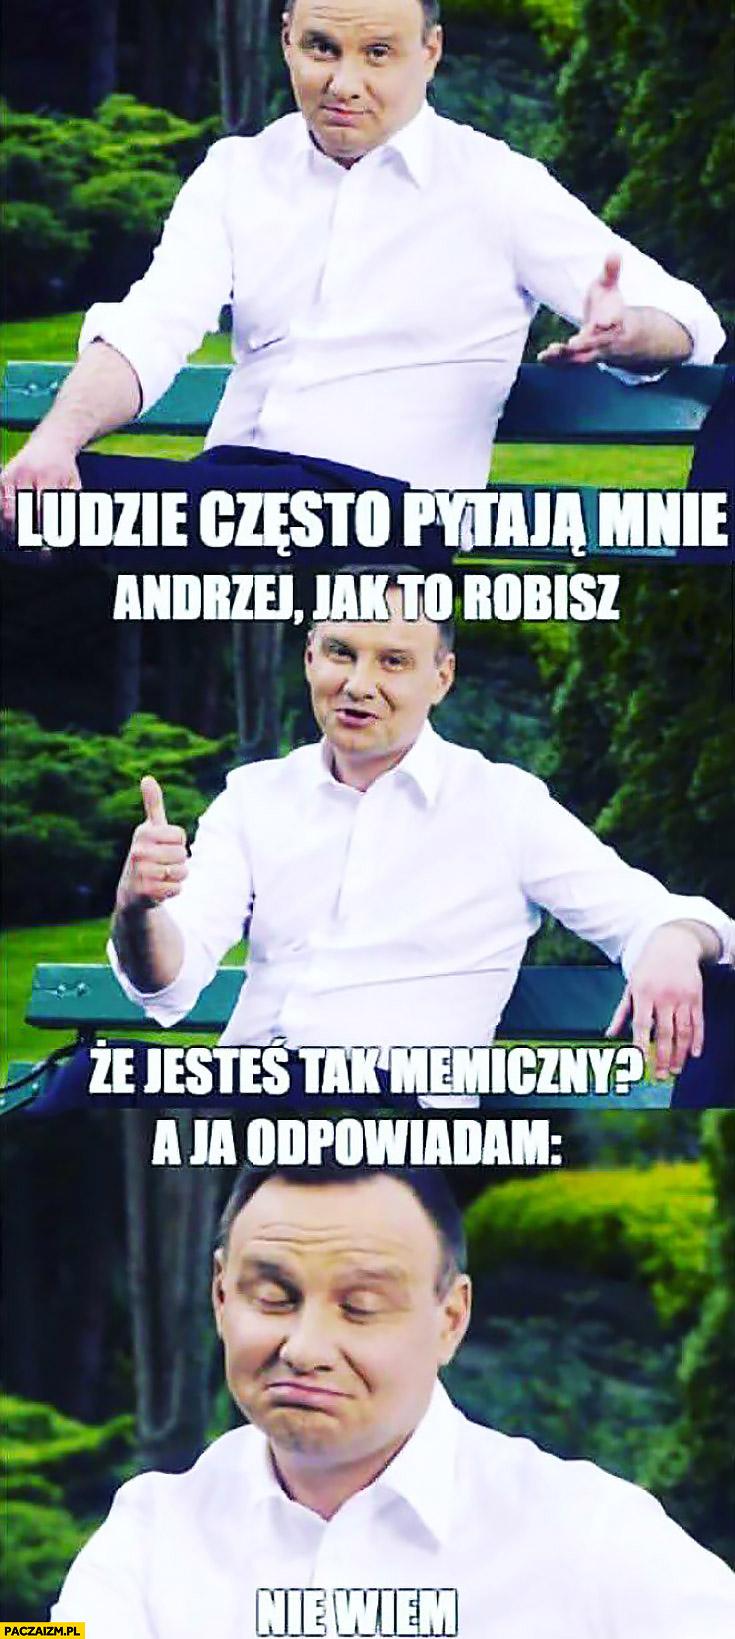 Ludzie często mnie pytają: Andrzej jak to robisz, że jesteś taki memiczny? A ja odpowiadam: nie wiem. Andrzej Duda